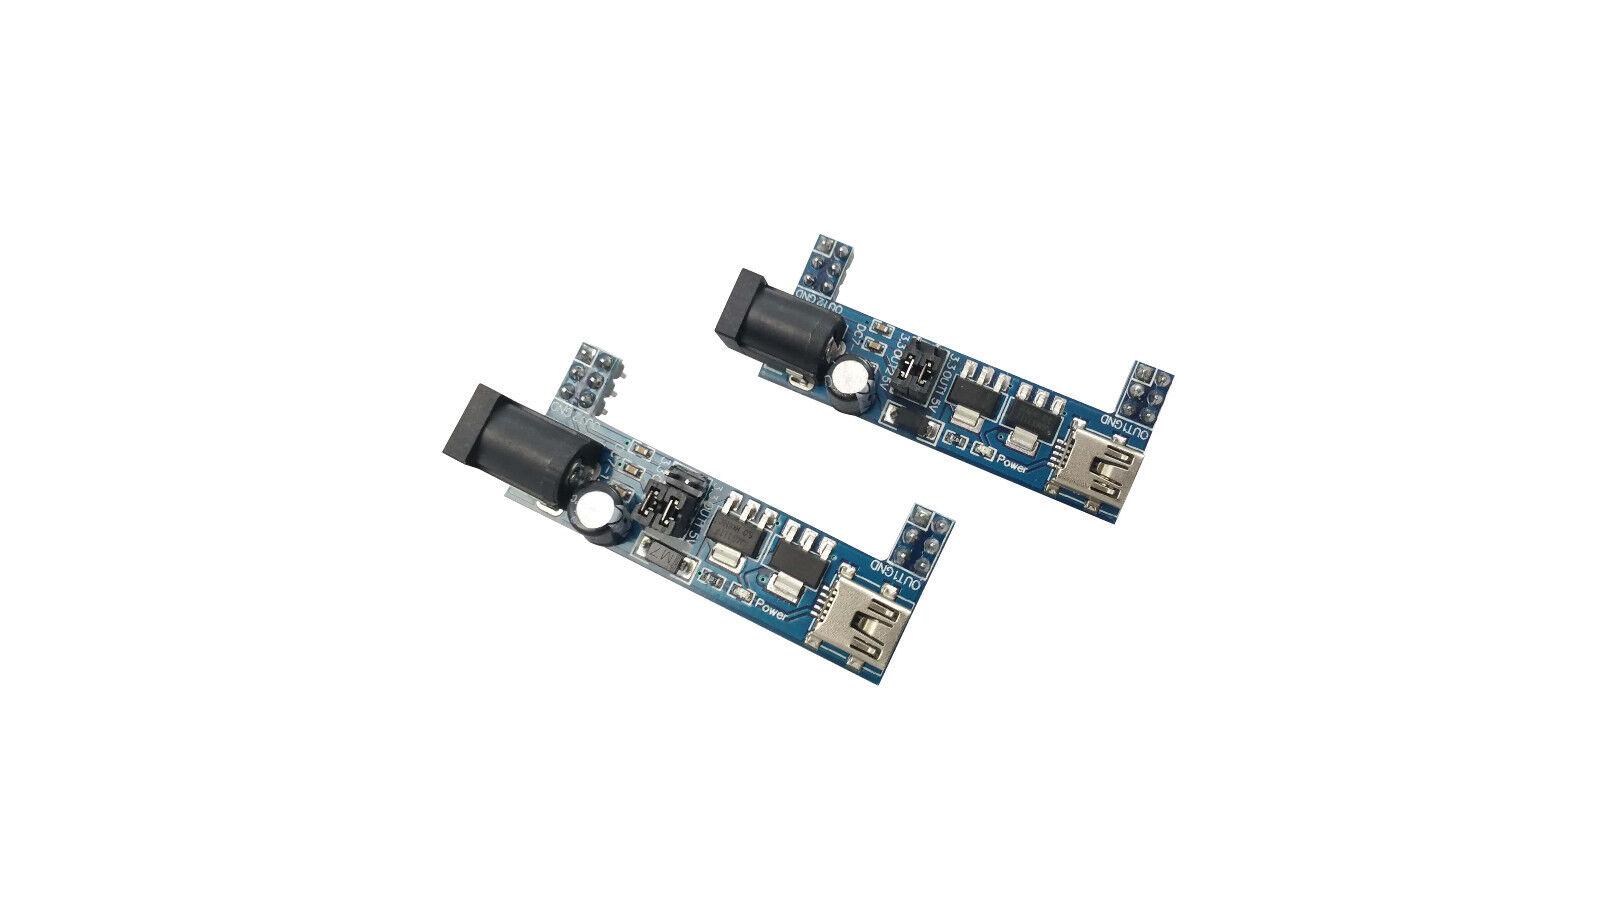 2pcs Breadboard Power Supply Adapter Module Usb 3 3v 5v